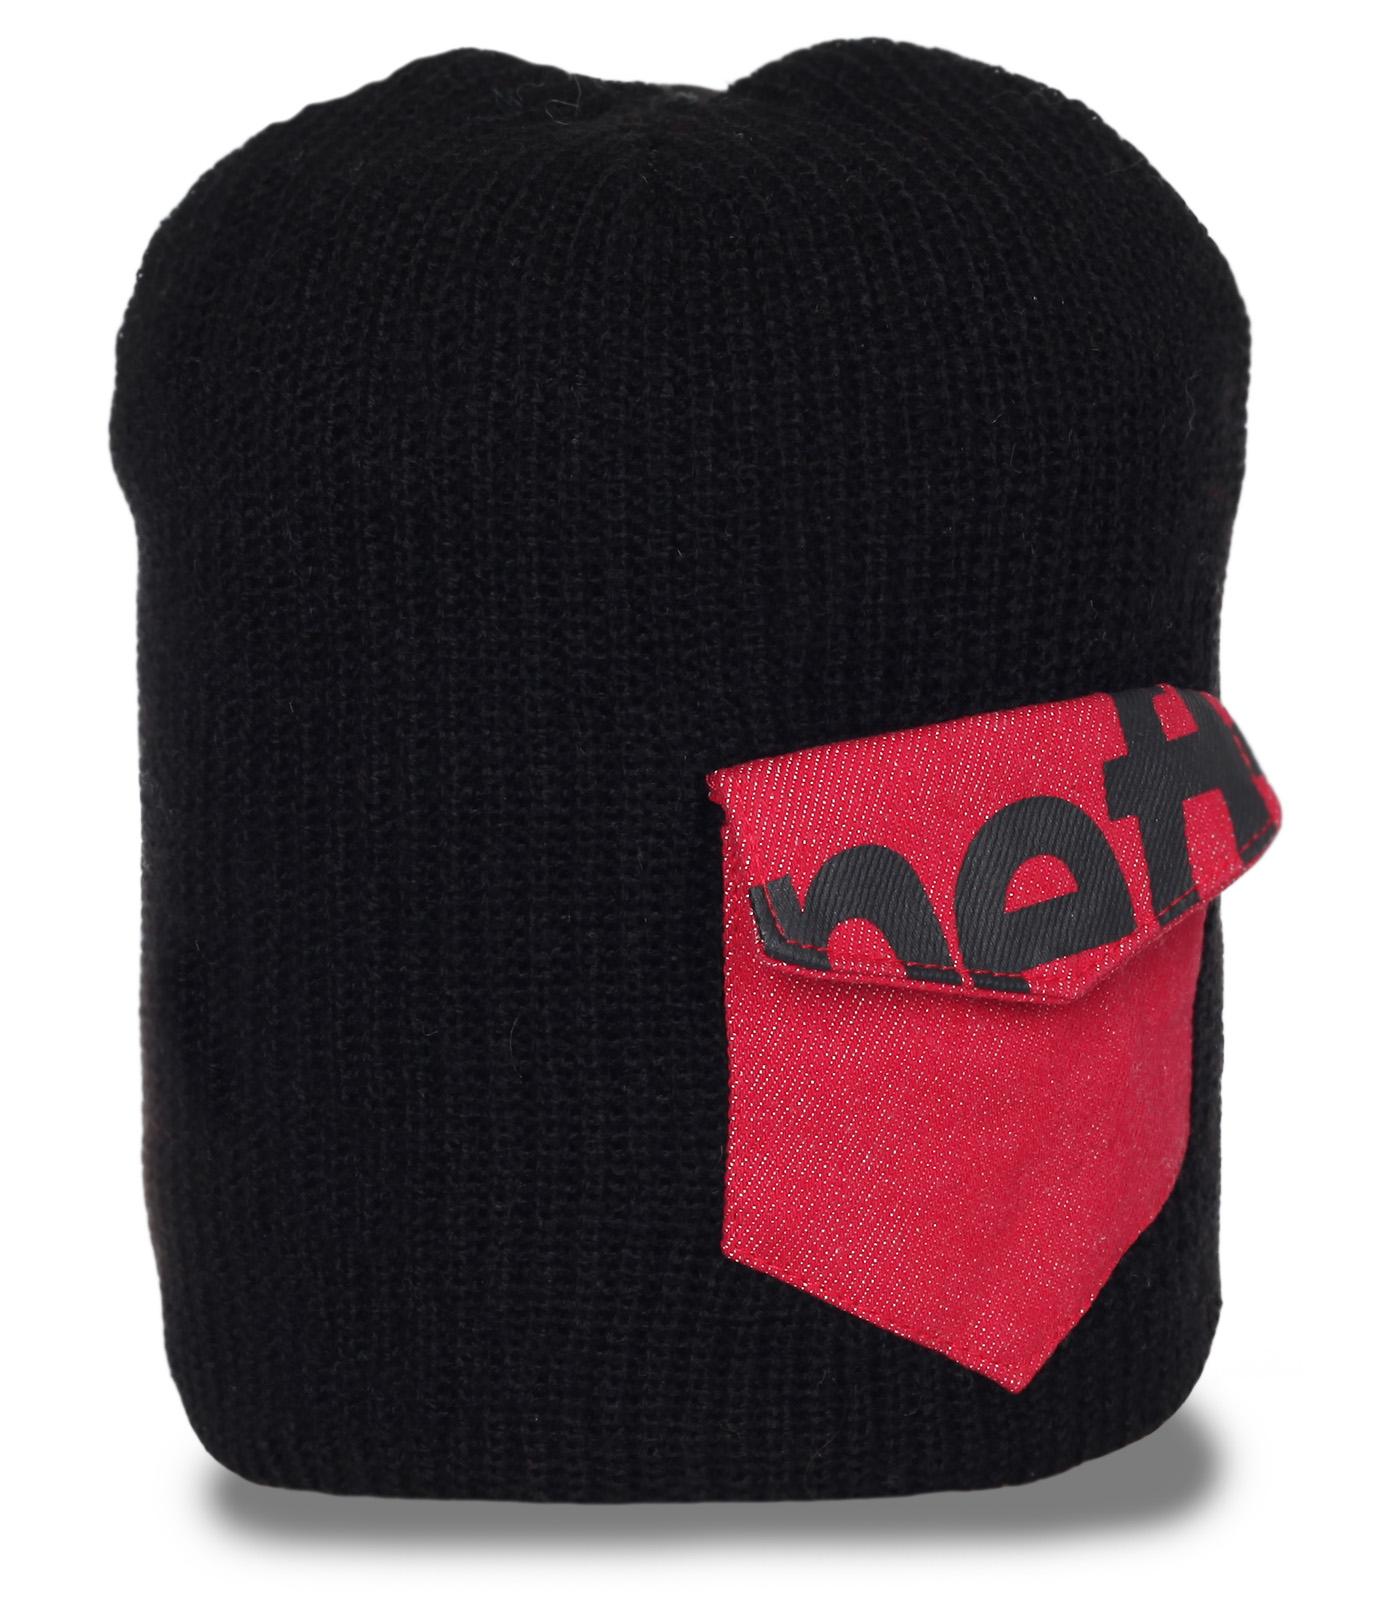 Оригинальная шапка Neff для модных парней. Безупречное сочетание качества и удобства